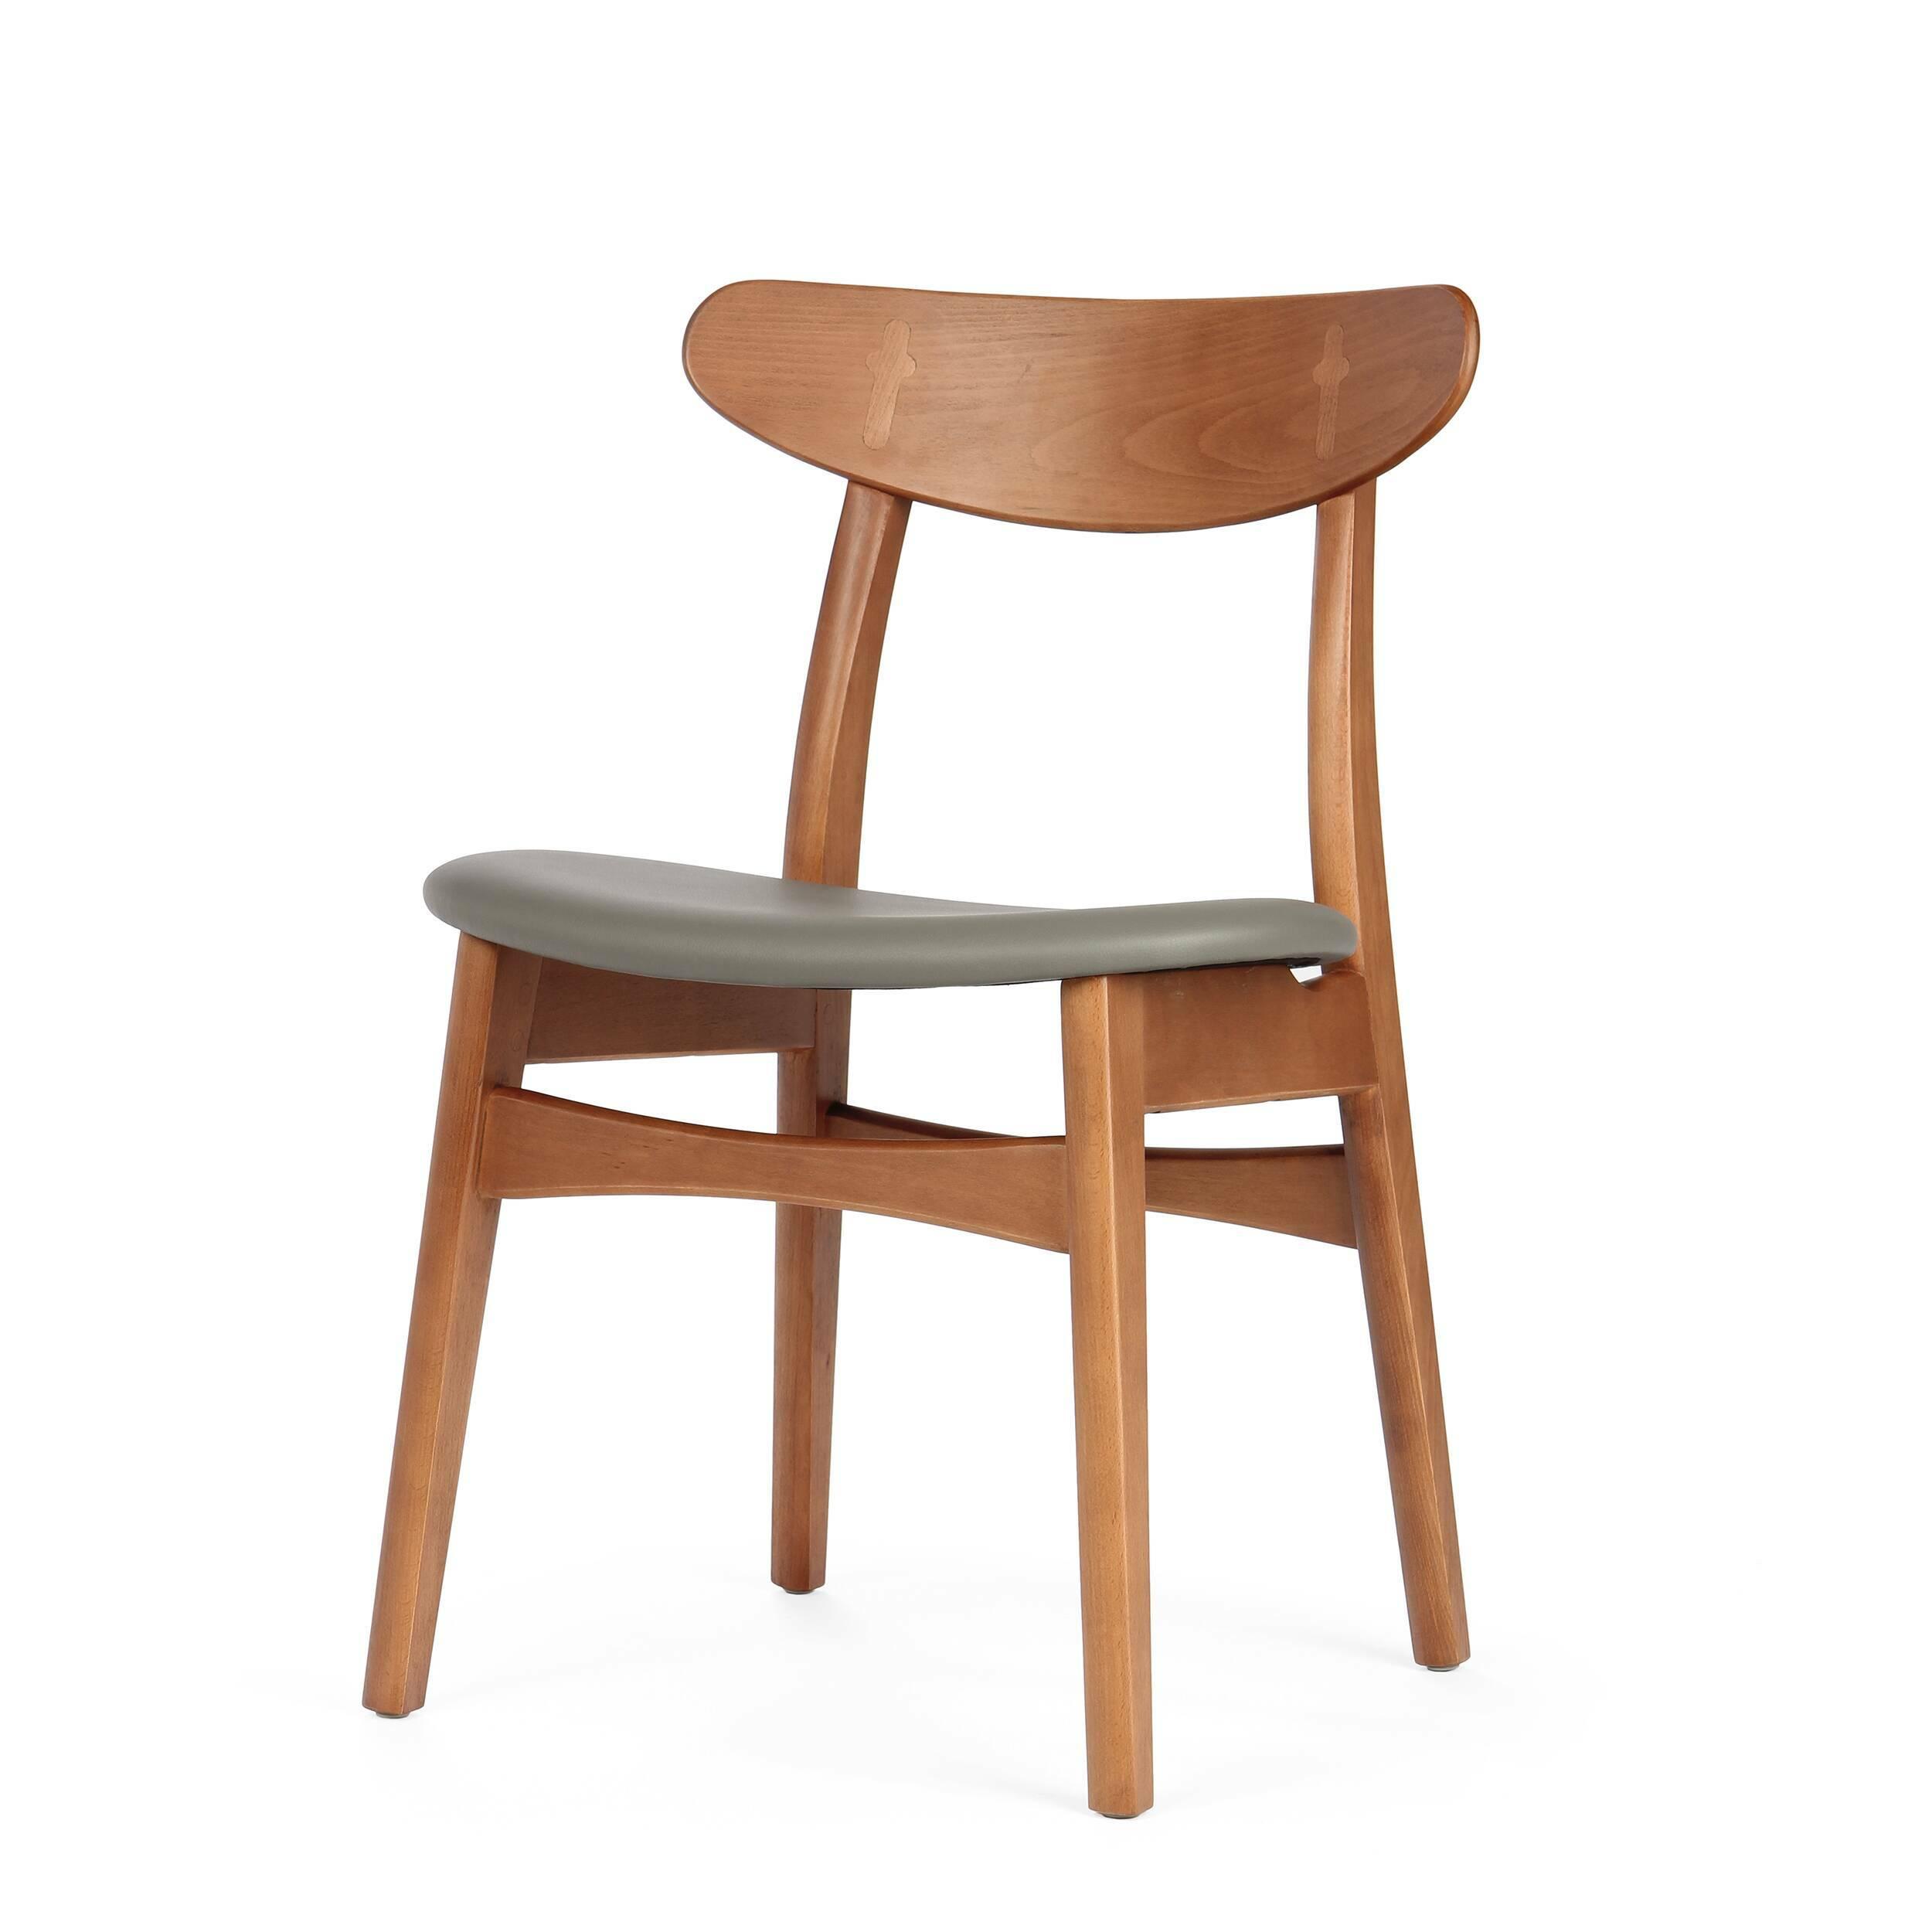 Стул Dutch 2Интерьерные<br>Дизайнерский деревянный стул Dutch 2 (Дуч 2) с мягким сиденьем от Cosmo (Космо).<br><br>     Порой некоторые предметы интерьера так и претендуют стать главными героями вашего дома. И вот уже некогда «гость» за обеденным столом становится полноценным членом семьи, взамен предлагая комфорт и уют.<br><br><br> Стул Dutch 2 как раз из их числа. Благодаря стильному и лаконичному дизайну у него есть все шансы стать незаменимым помощником во время трапез за семейным обеденным столом. <br><br><br>     Сложная на вид ...<br><br>stock: 6<br>Высота: 78,5<br>Высота сиденья: 44,5<br>Ширина: 53<br>Глубина: 49<br>Материал каркаса: Массив бука<br>Тип материала каркаса: Дерево<br>Материал сидения: Полиуретан<br>Цвет сидения: Темно-серый<br>Тип материала сидения: Кожа искусственная<br>Коллекция ткани: Premium Grade PU<br>Цвет каркаса: Орех